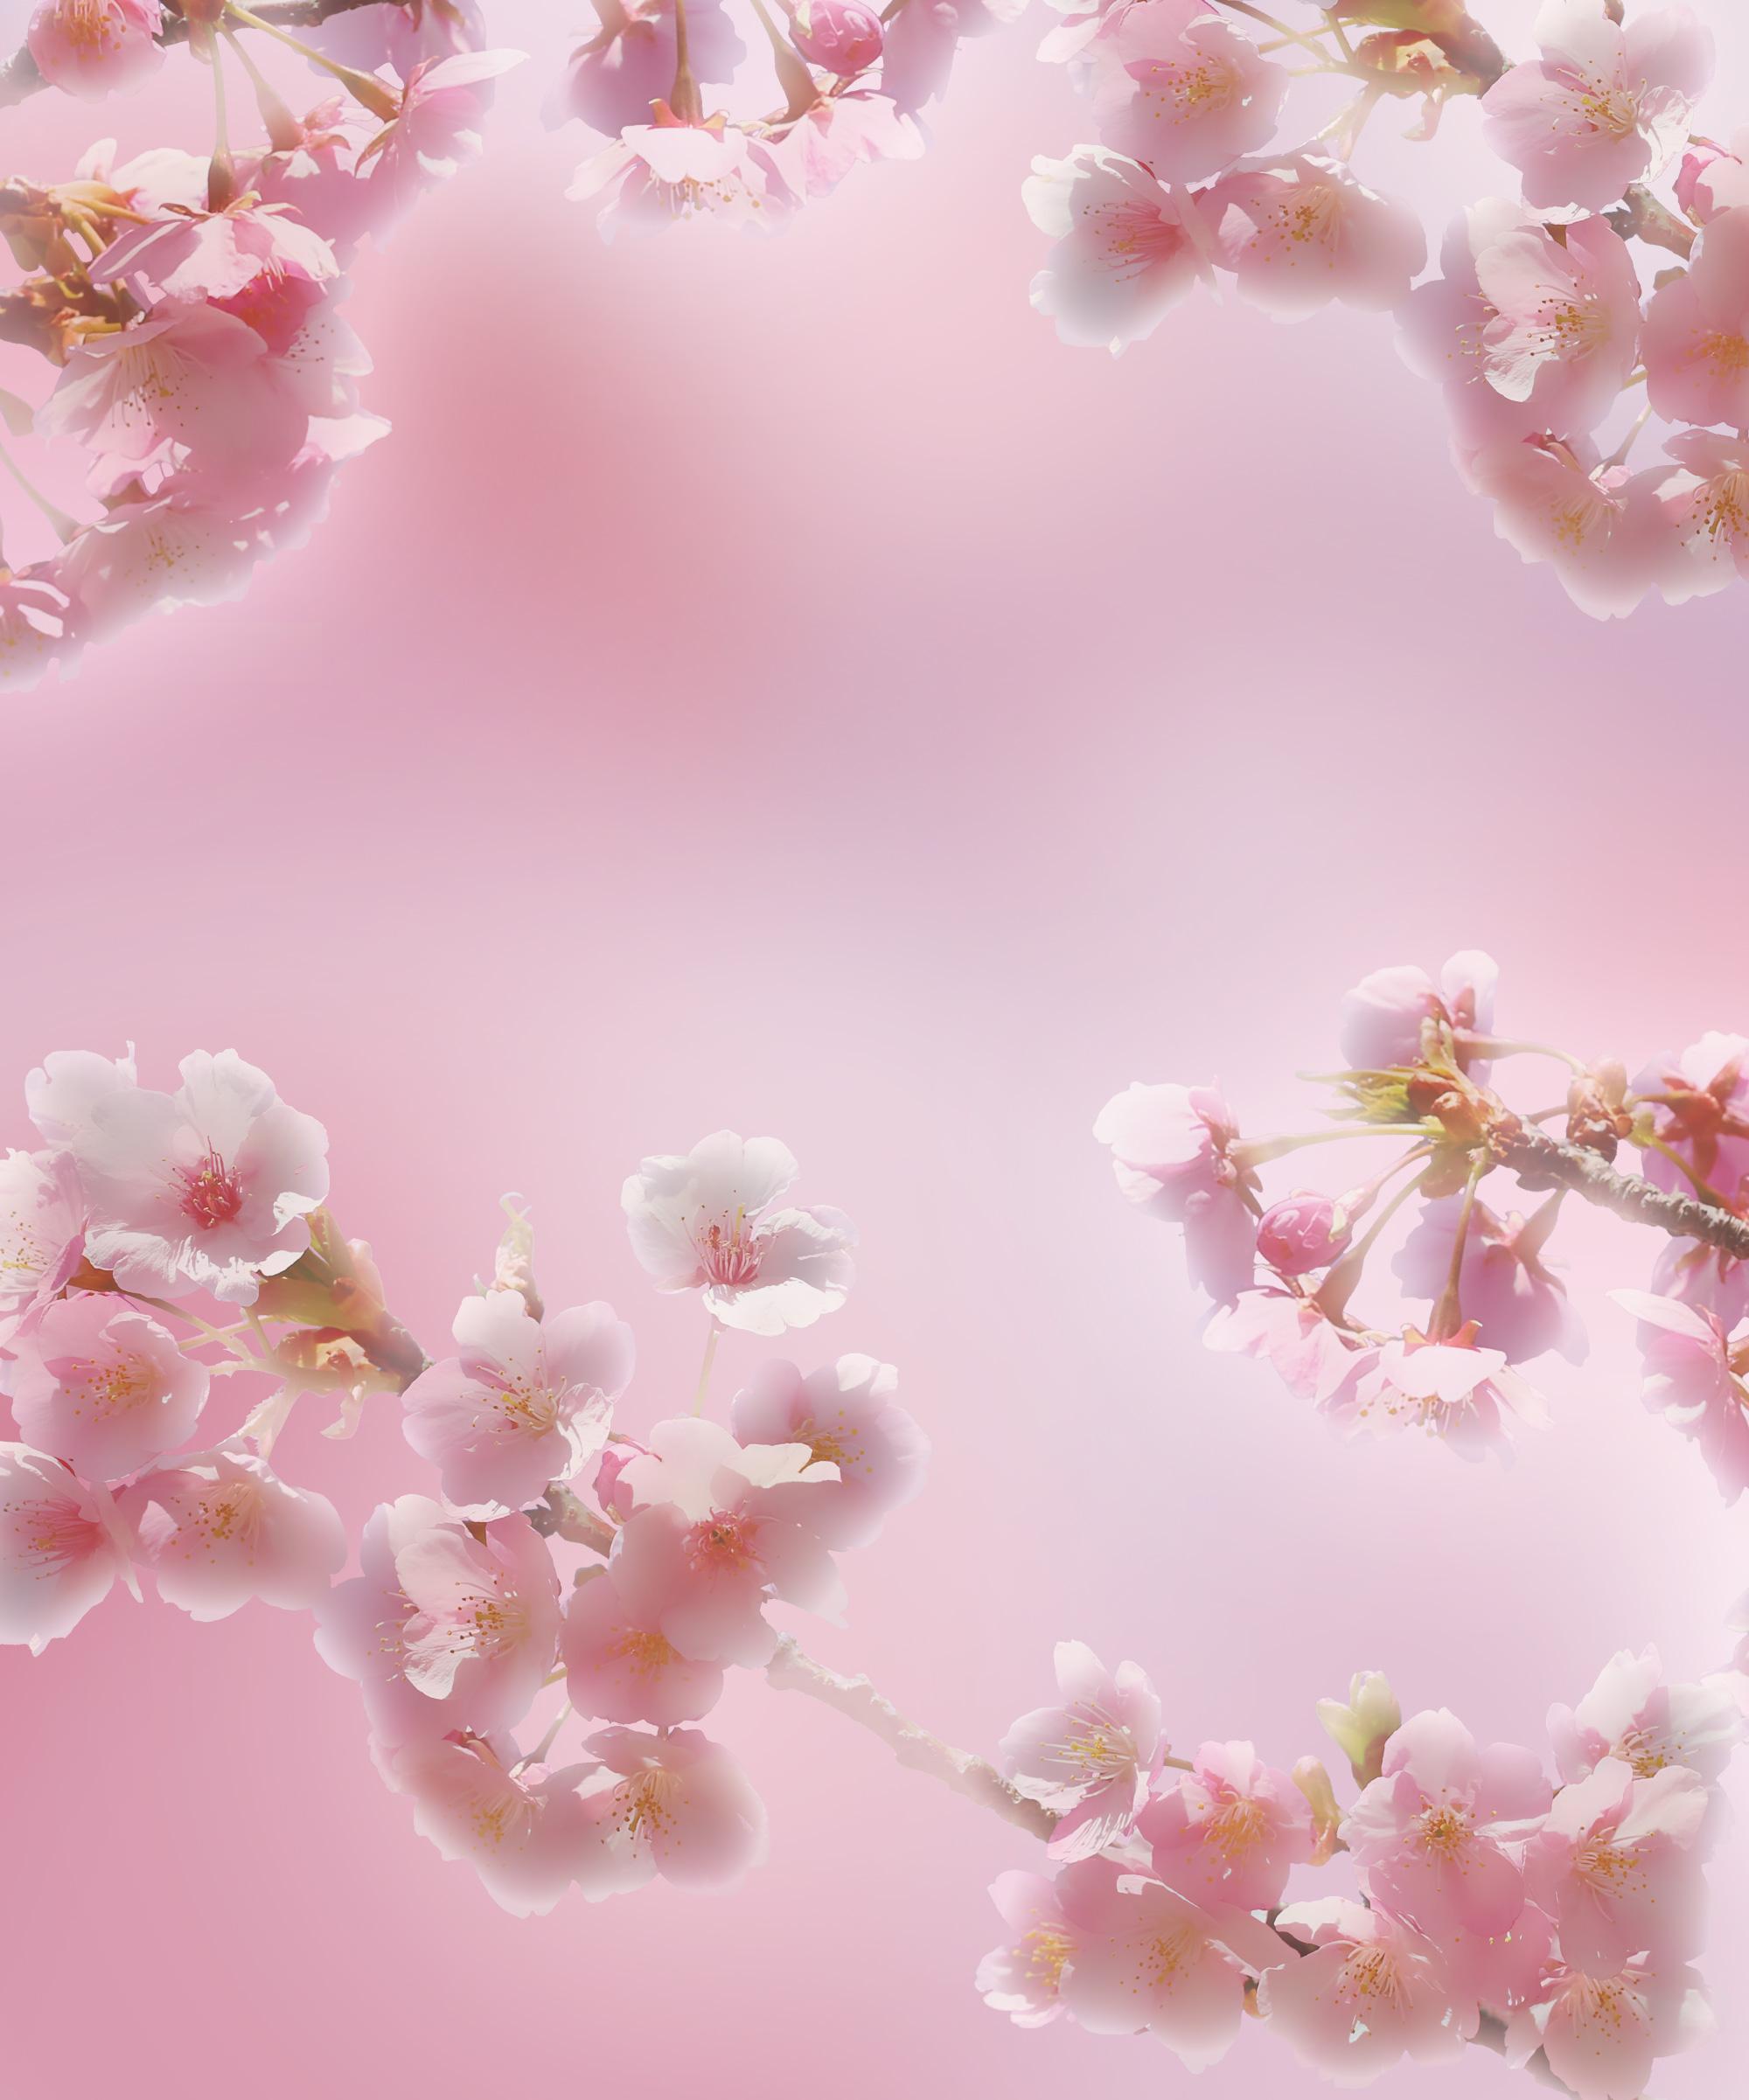 ピンク 背景 素材 フリー